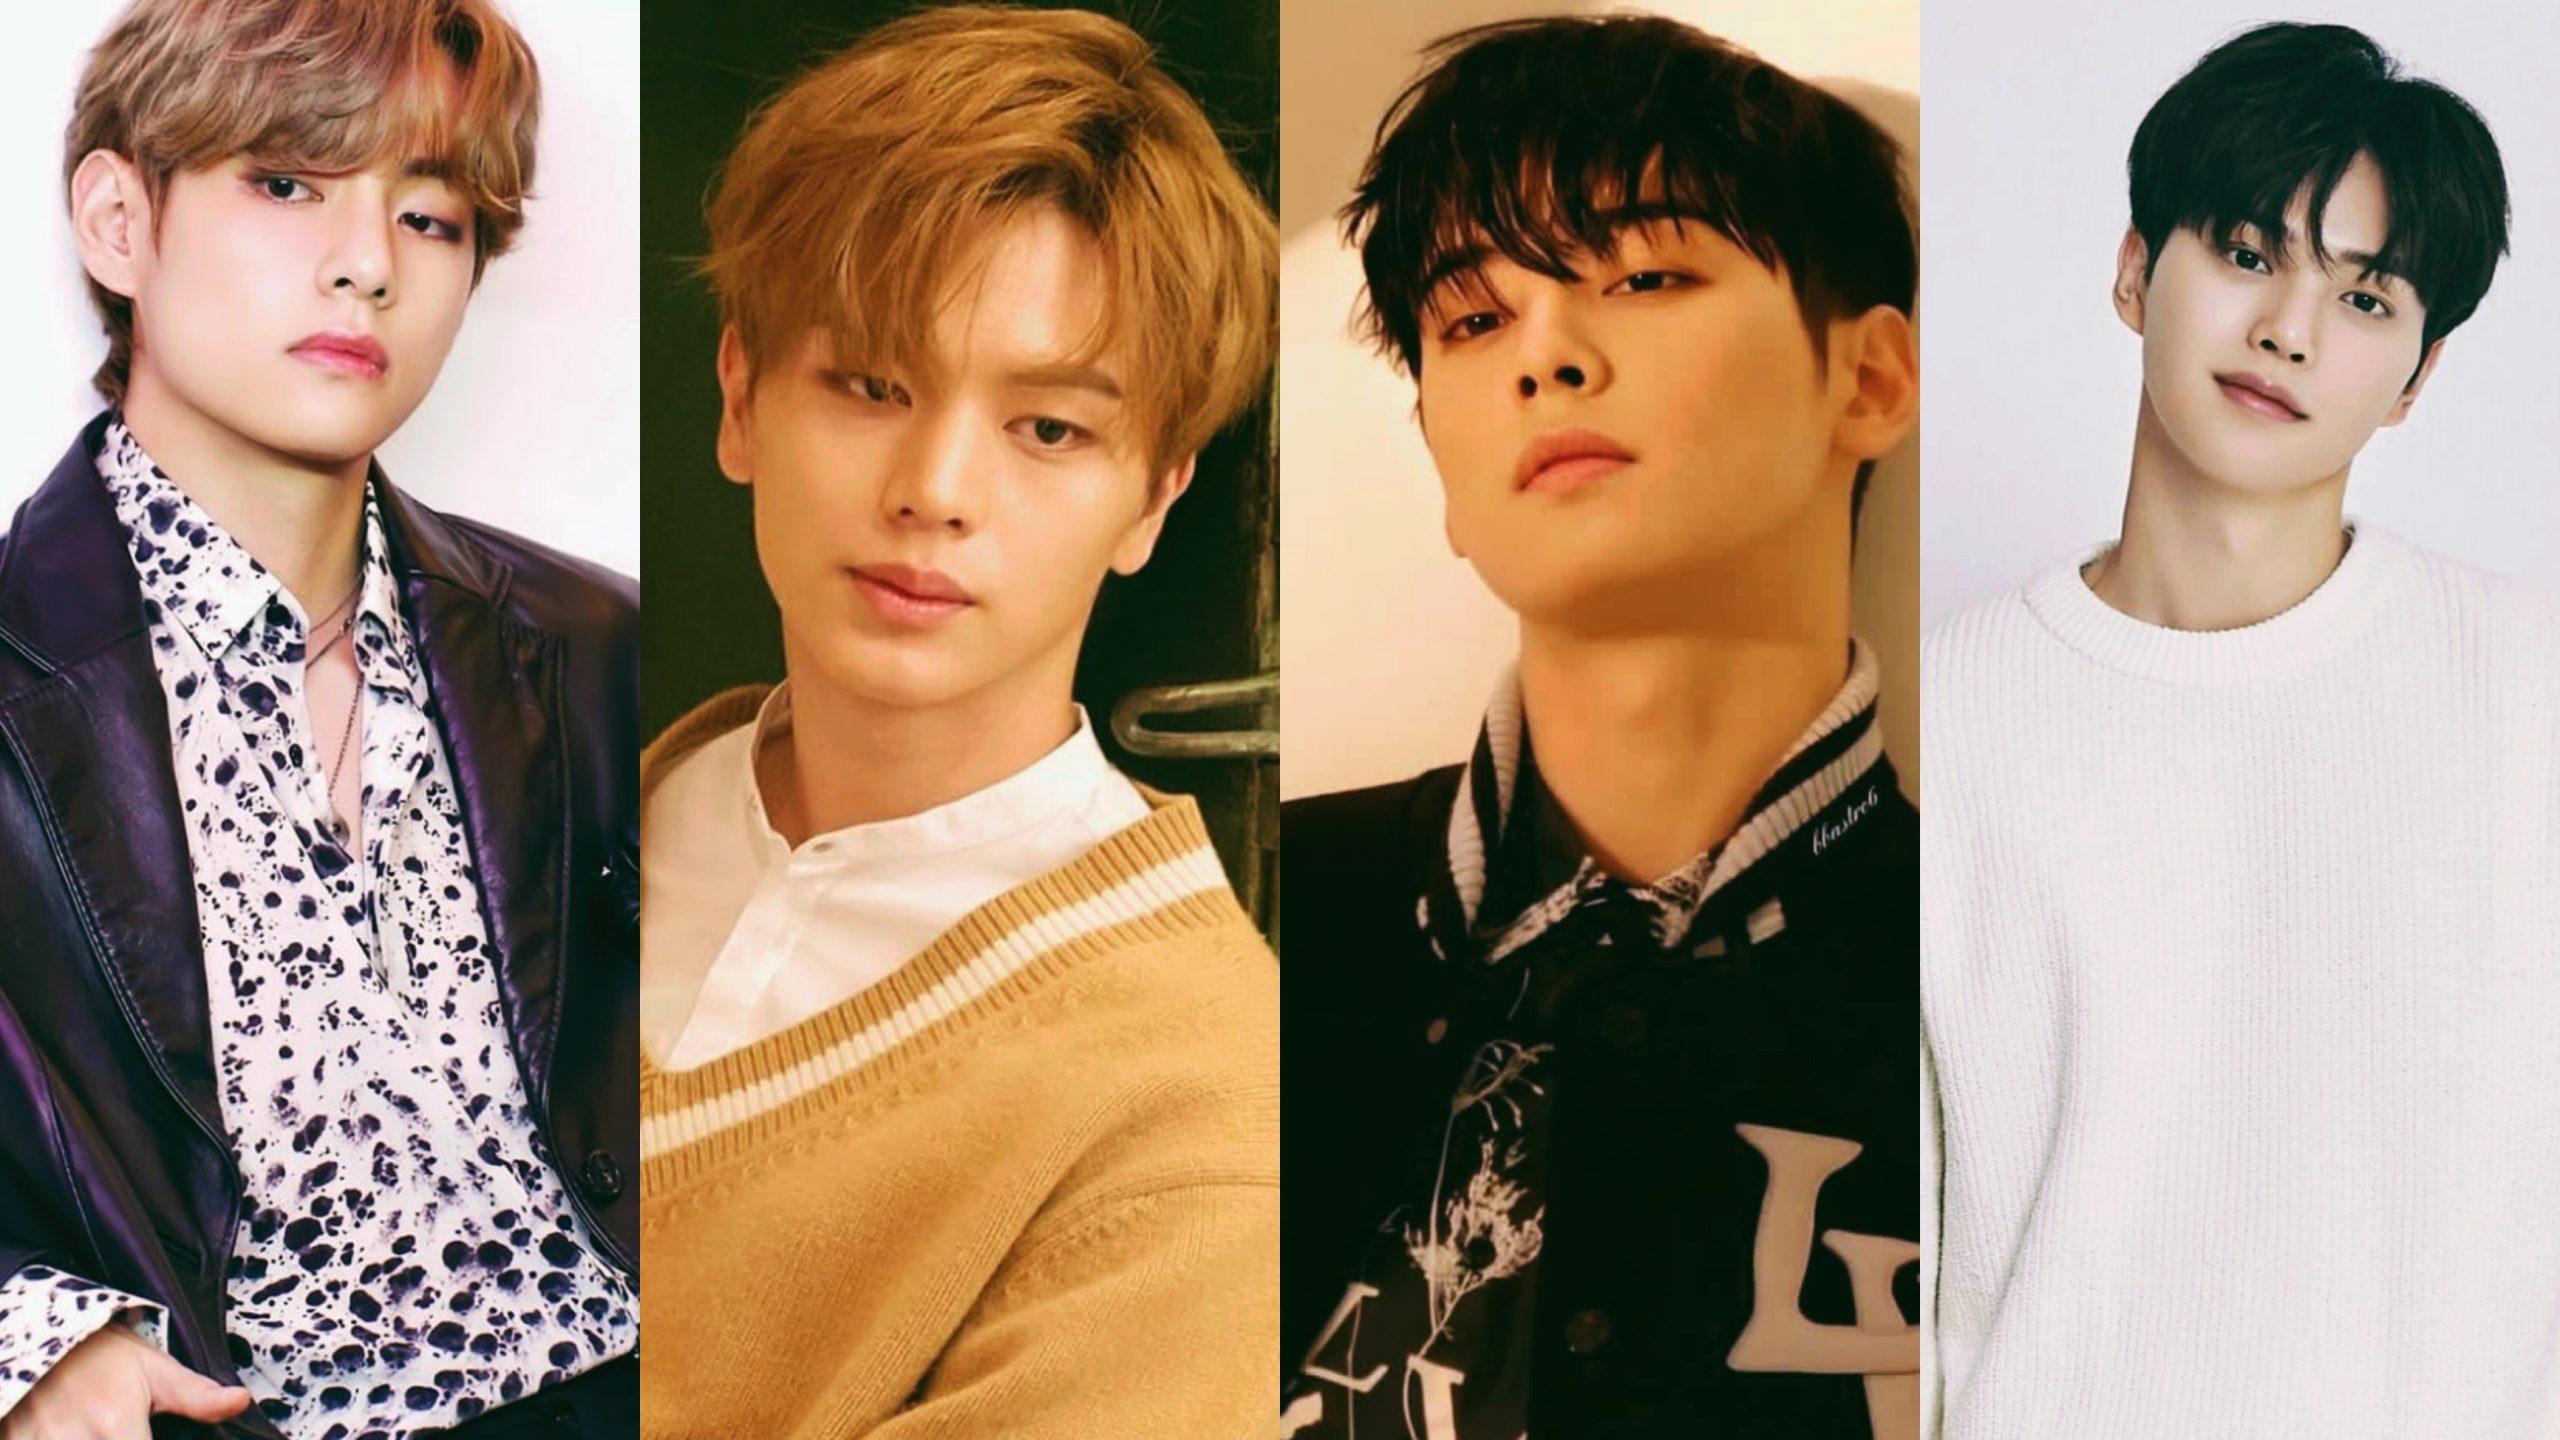 7 Best Looking Male Korean Celebrities